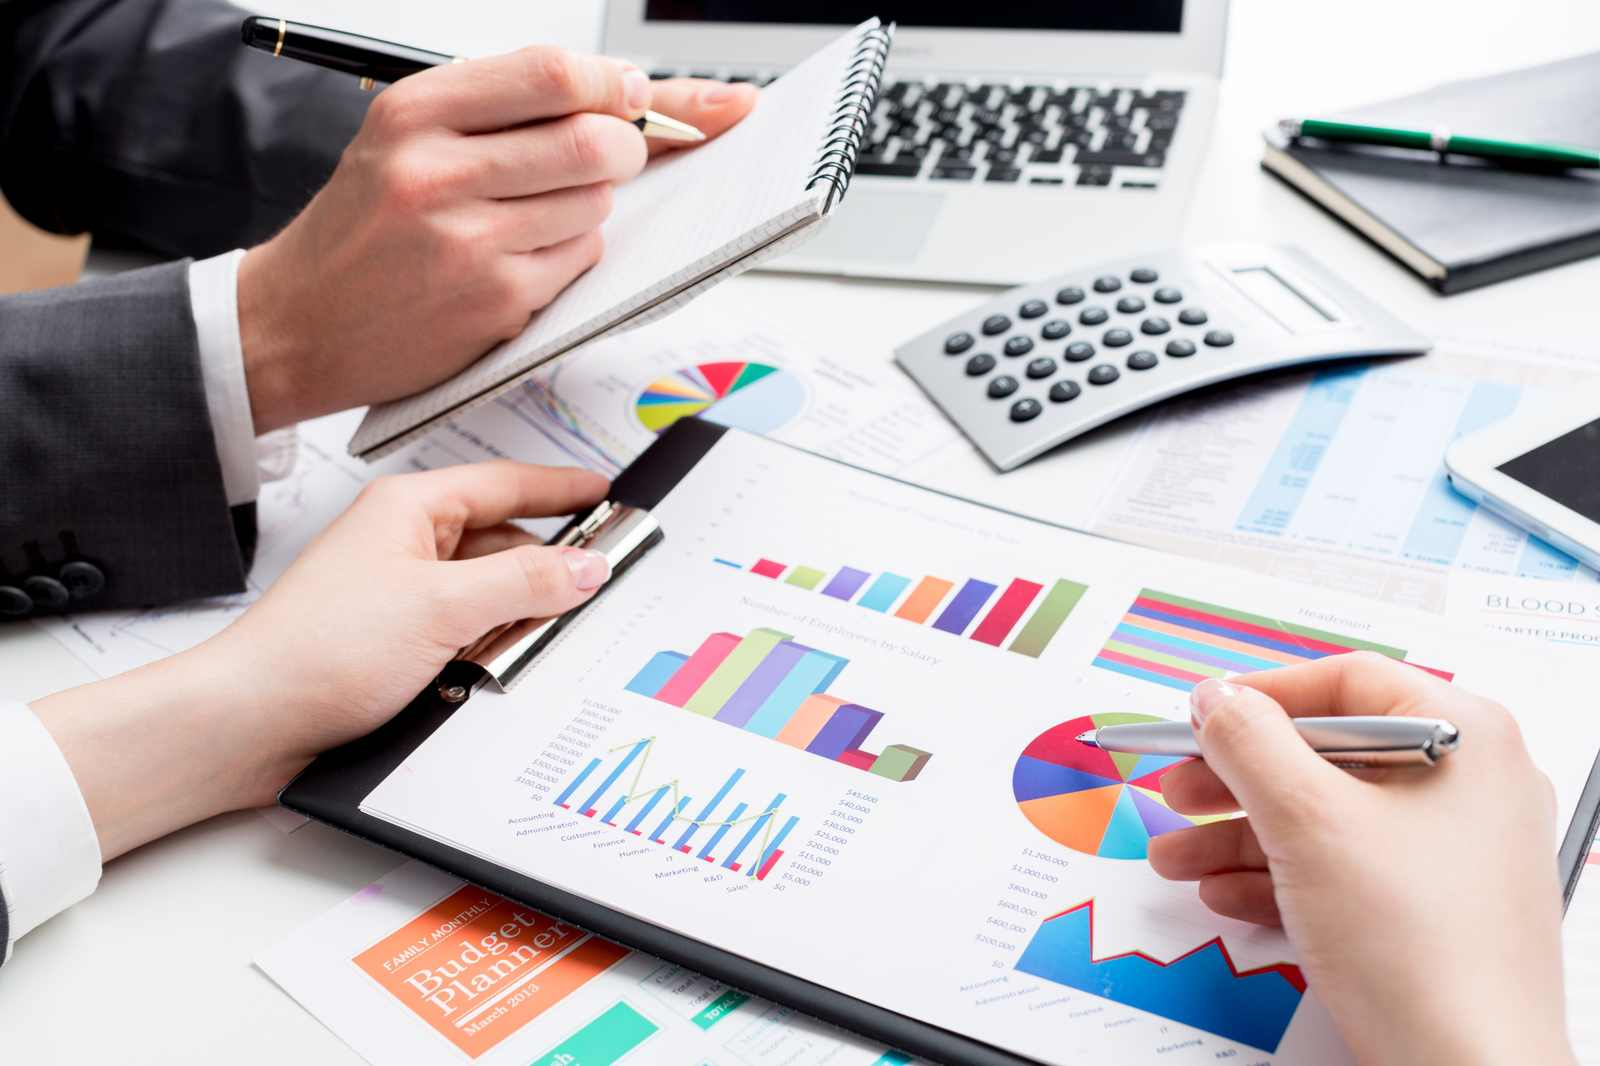 05 - Kế toán cho lãnh đạo - Prework